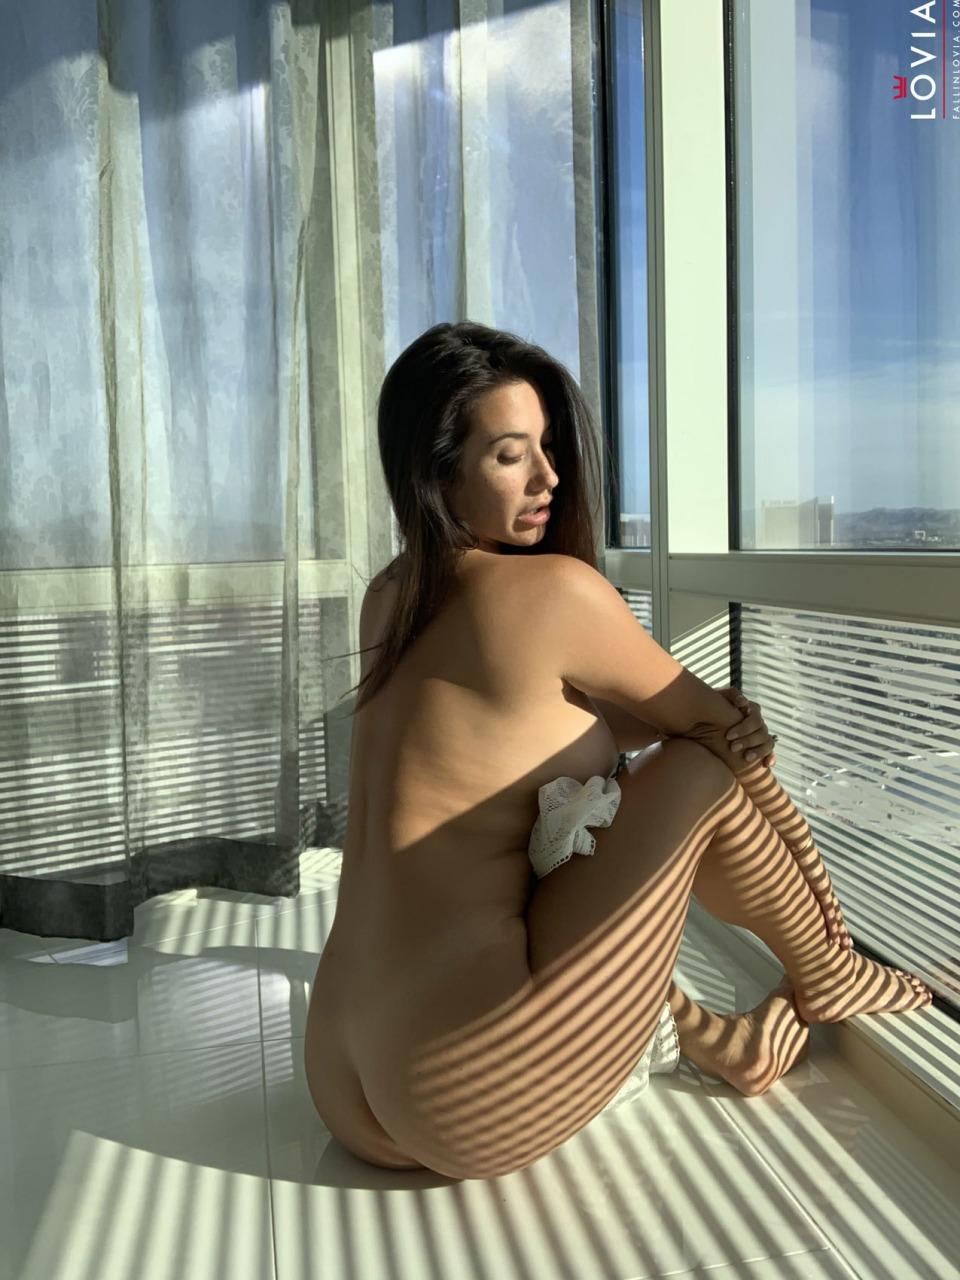 Eva Lovia - Waking Up In Vegas 11